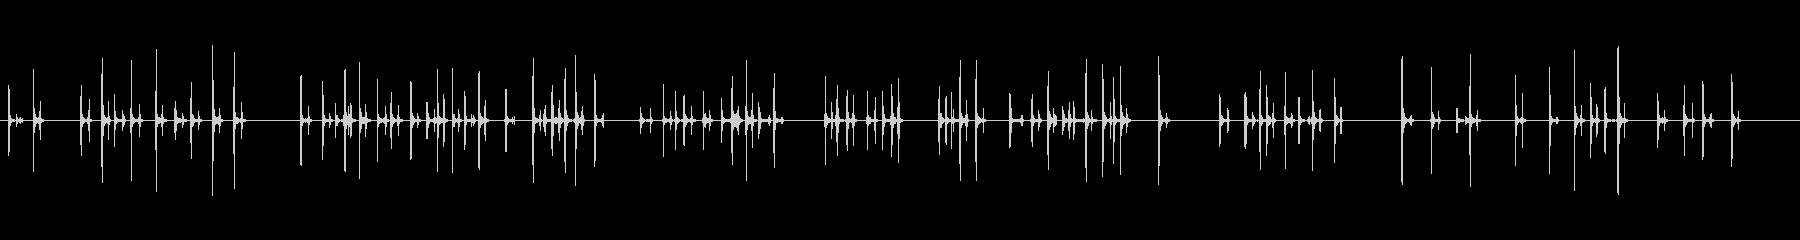 PC キーボード05-01(中)の未再生の波形